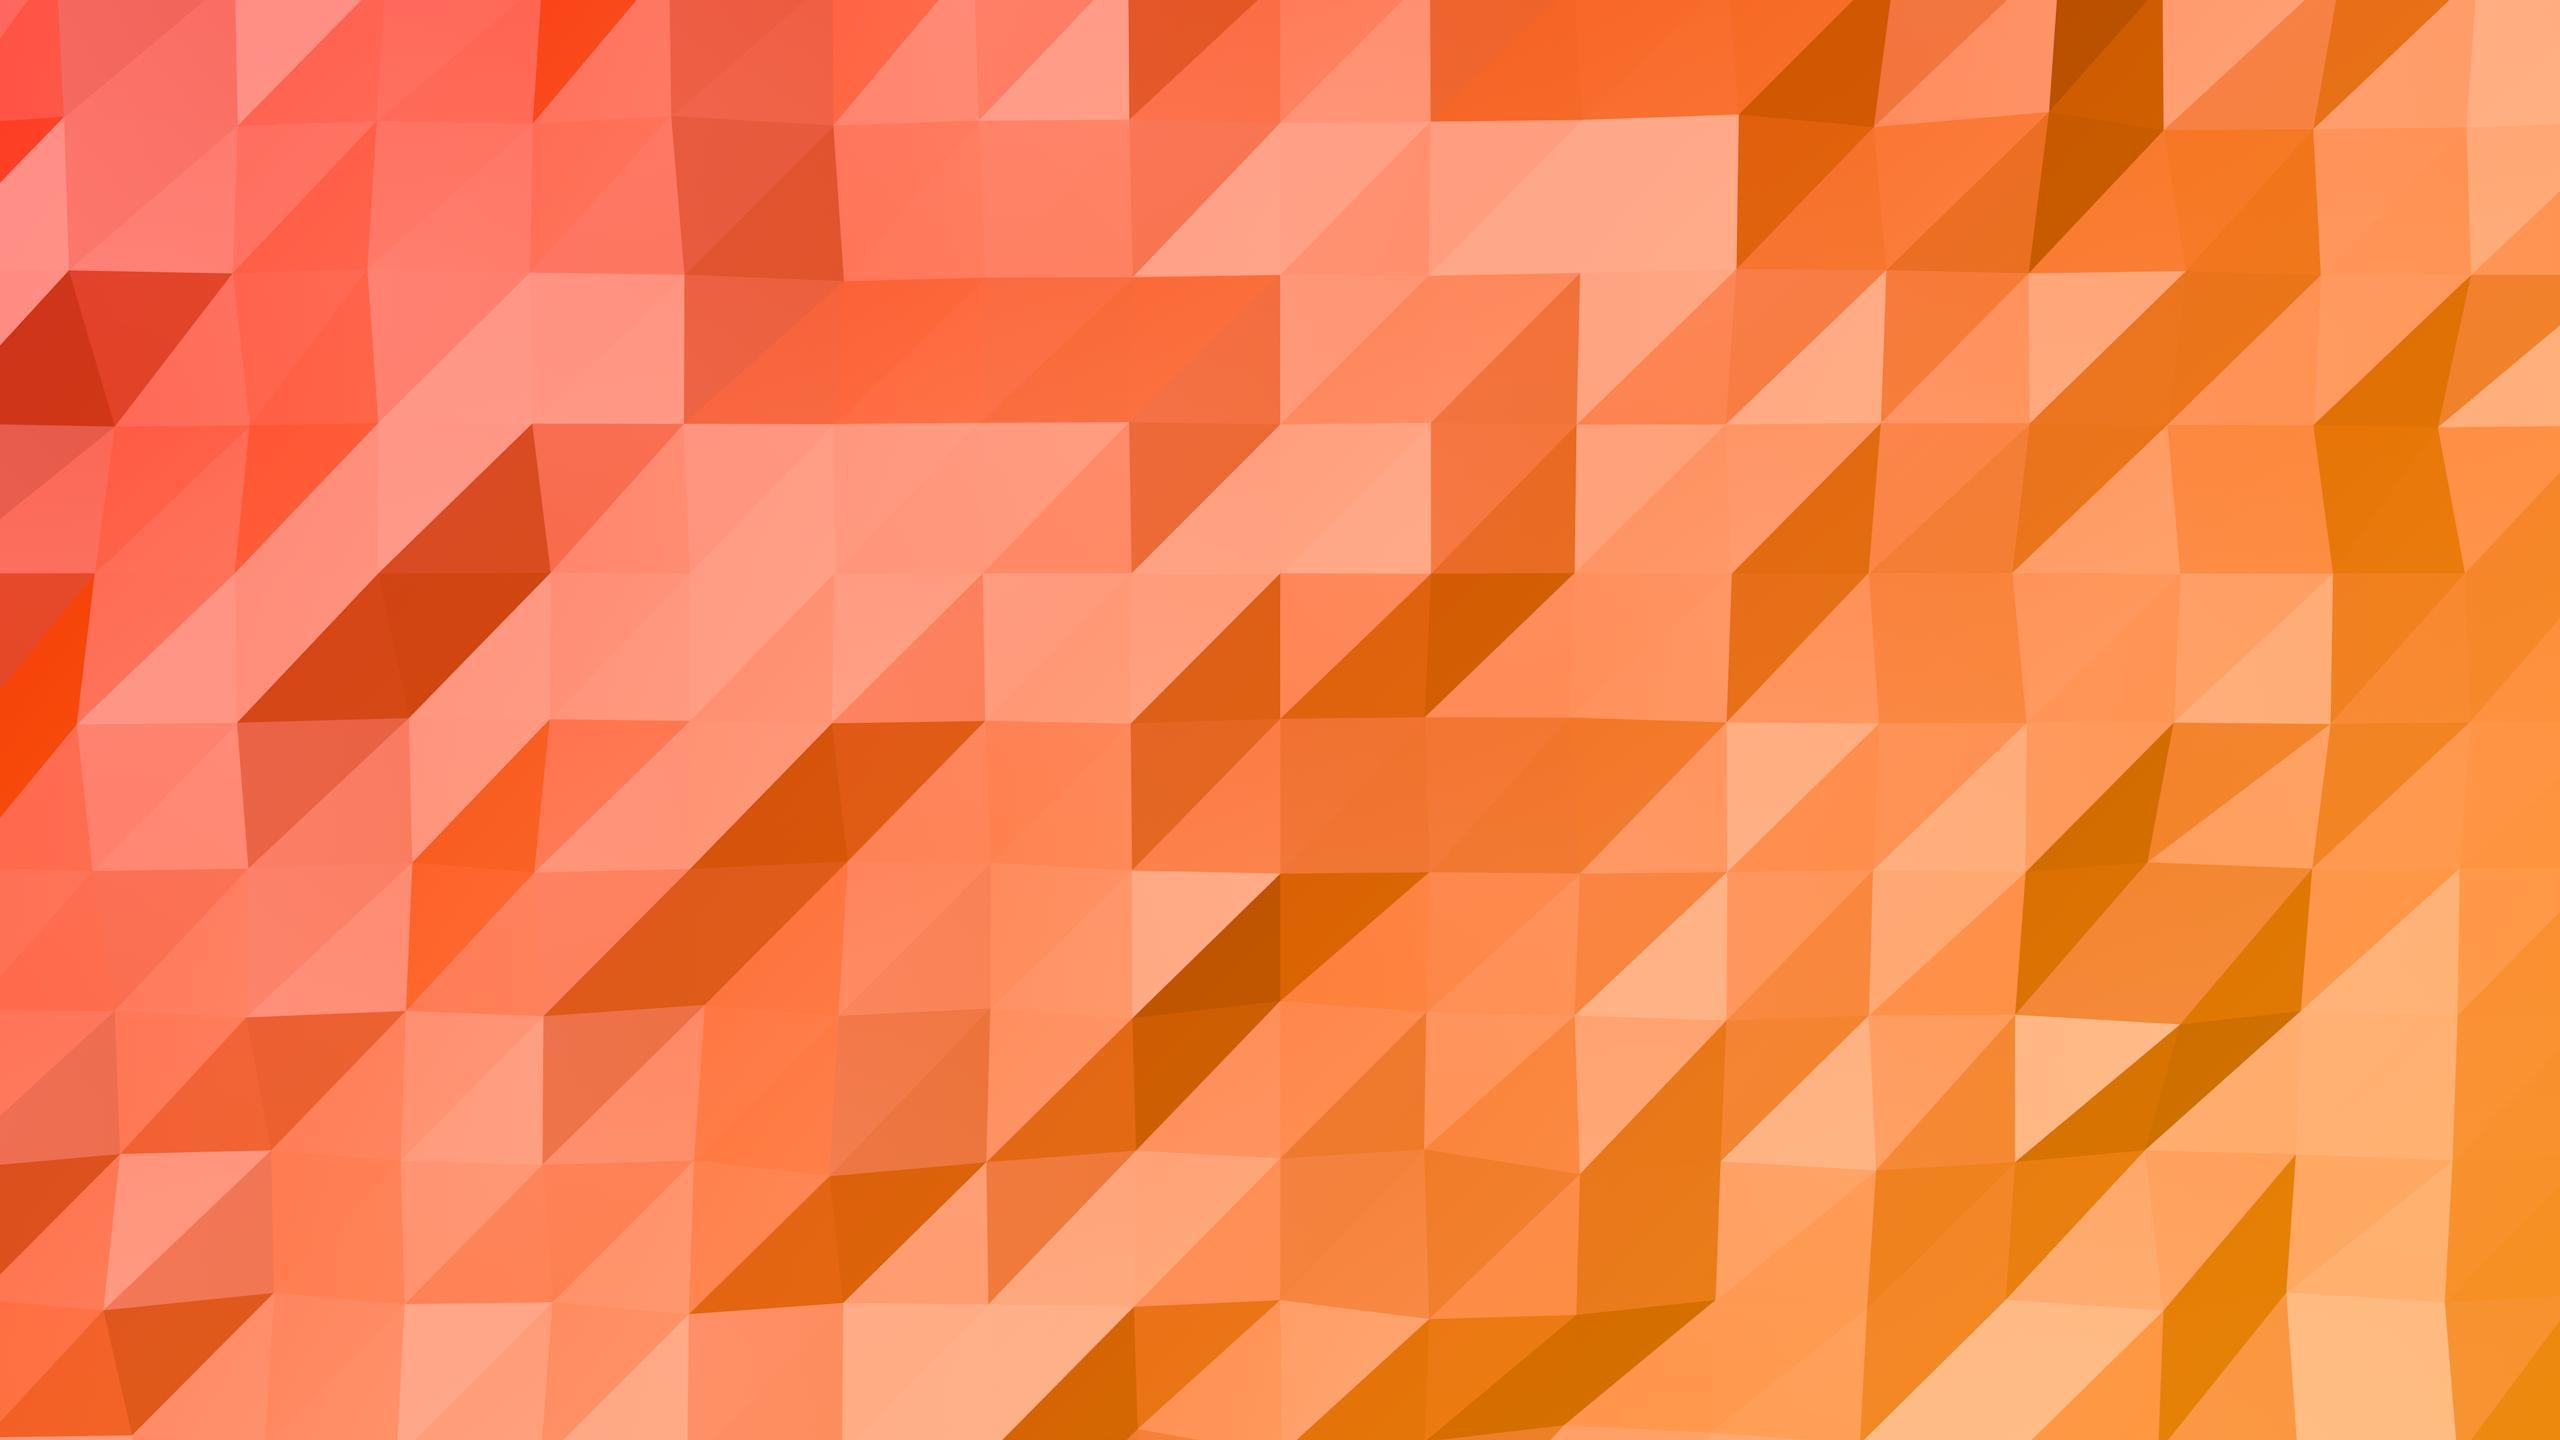 polygon wallpaper 31614